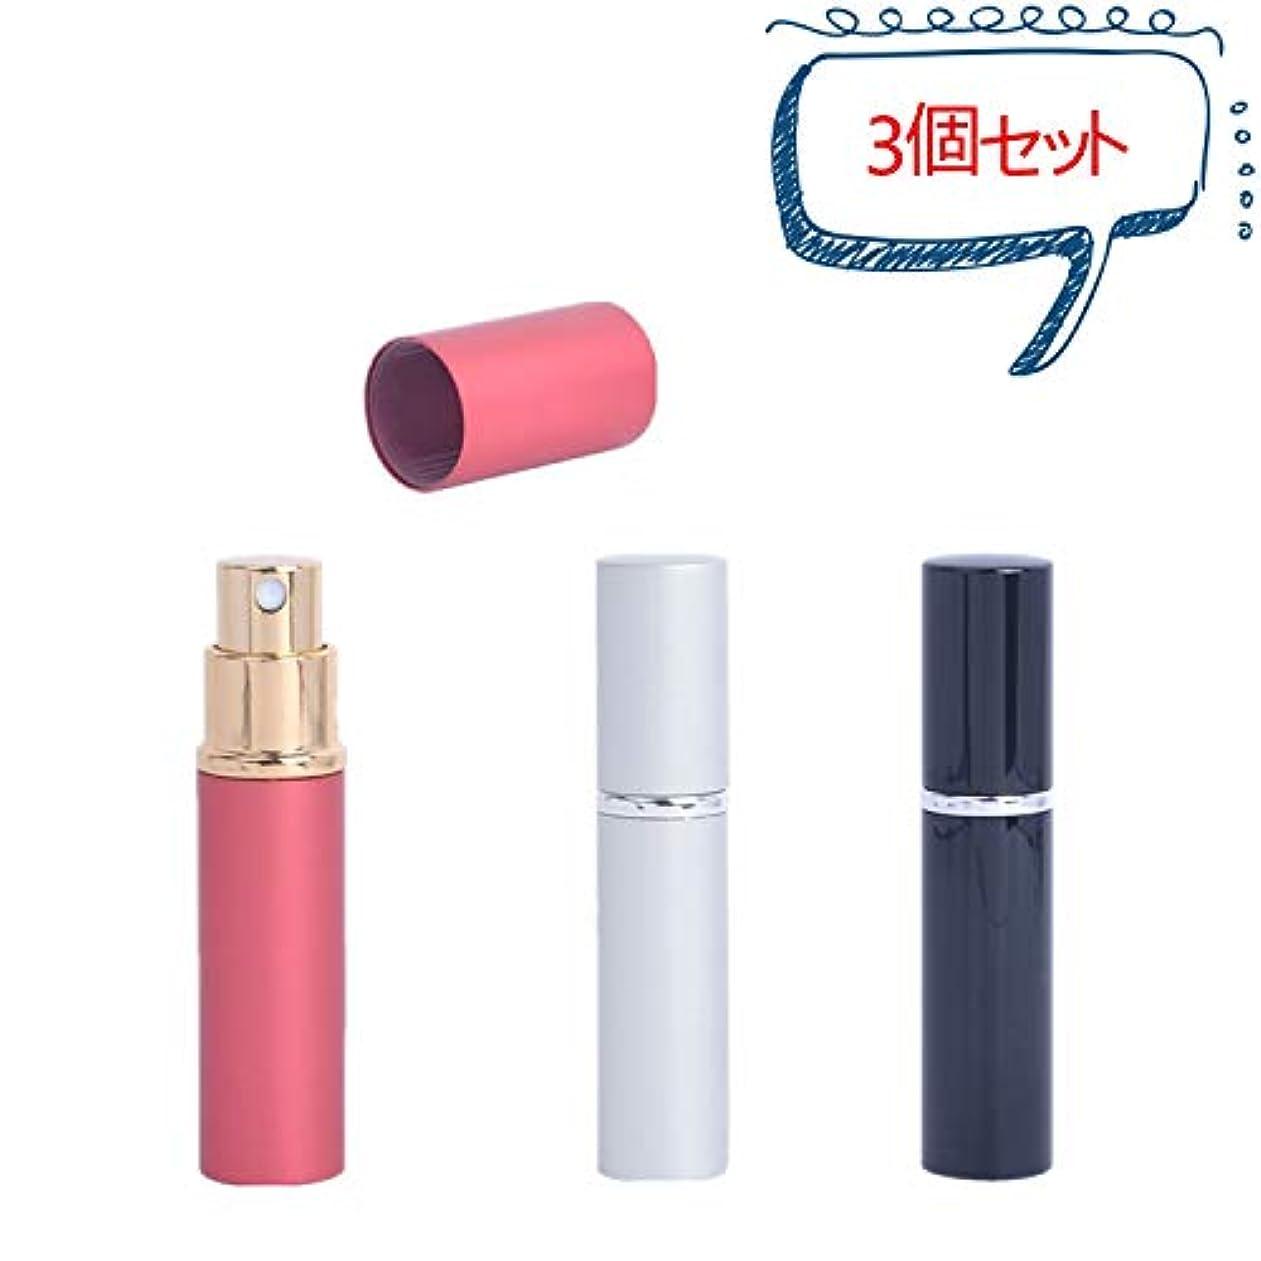 鹿捨てる修正[Hordlend] 3個セット アトマイザー 香水ボトル 香水噴霧器 詰め替え容器 旅行携帯用 5ml 3色セットXSP-025